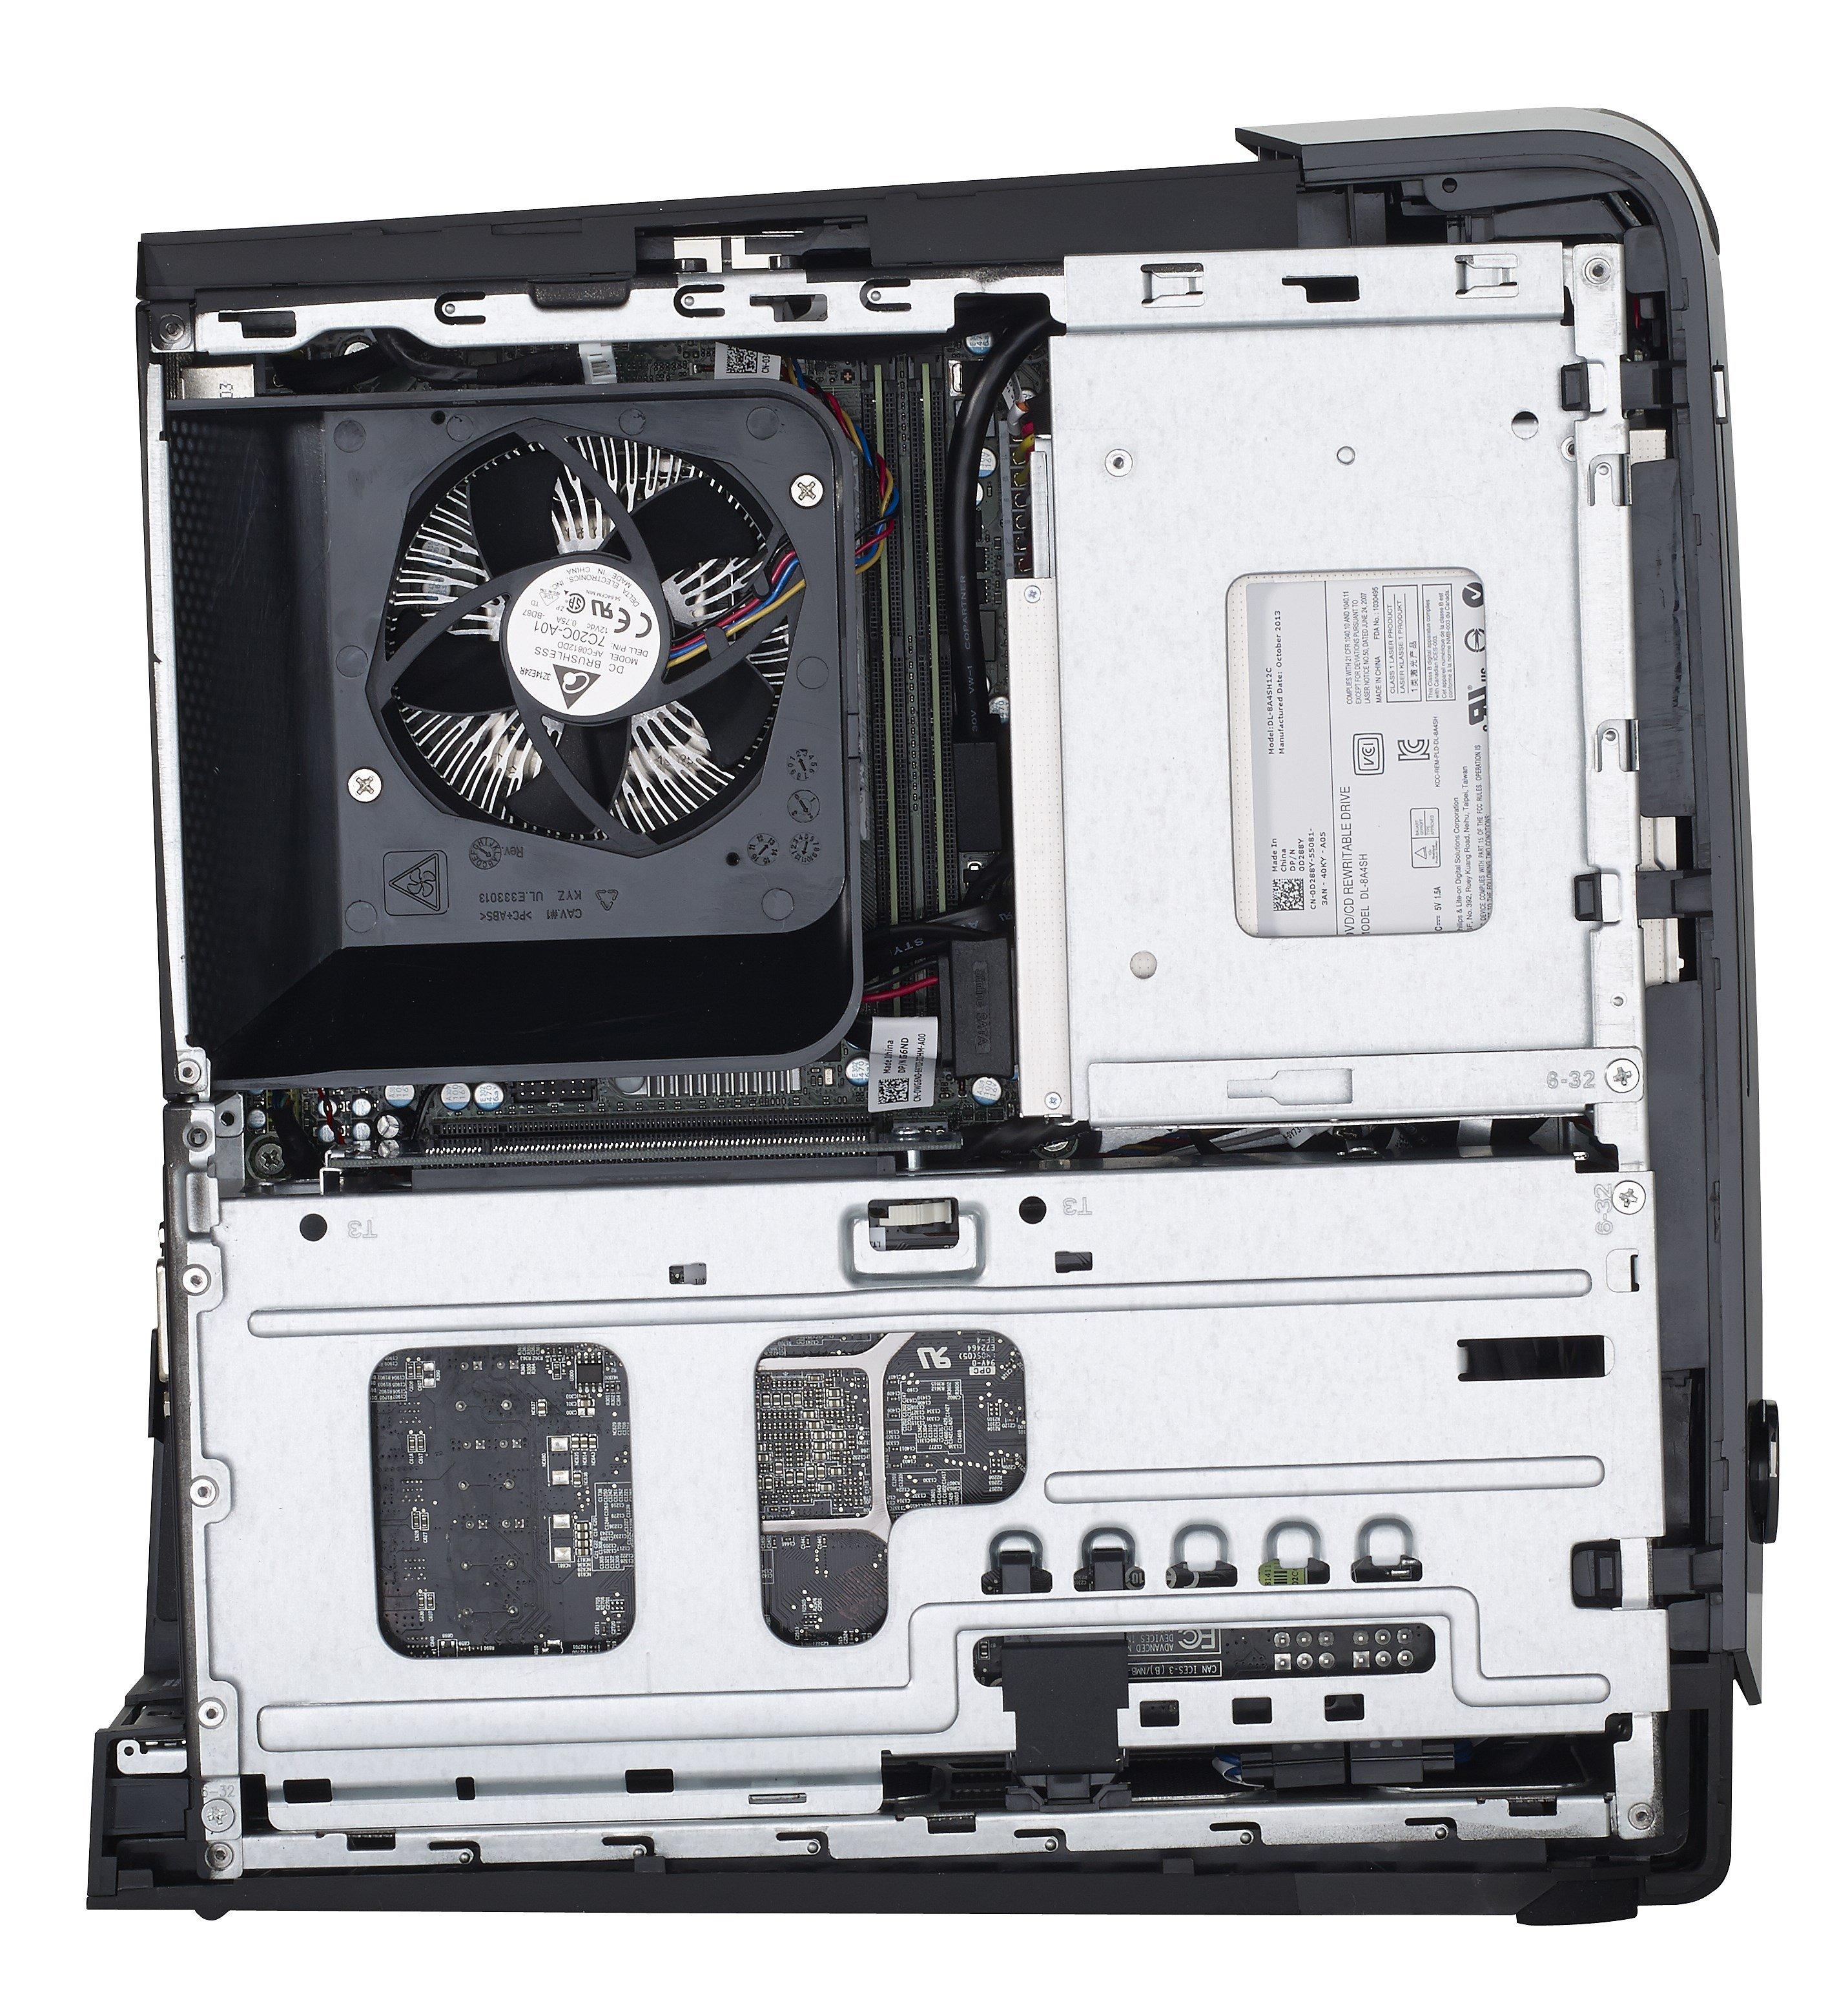 Dell Alienware X51 R2 LiteON SSD Windows 8 X64